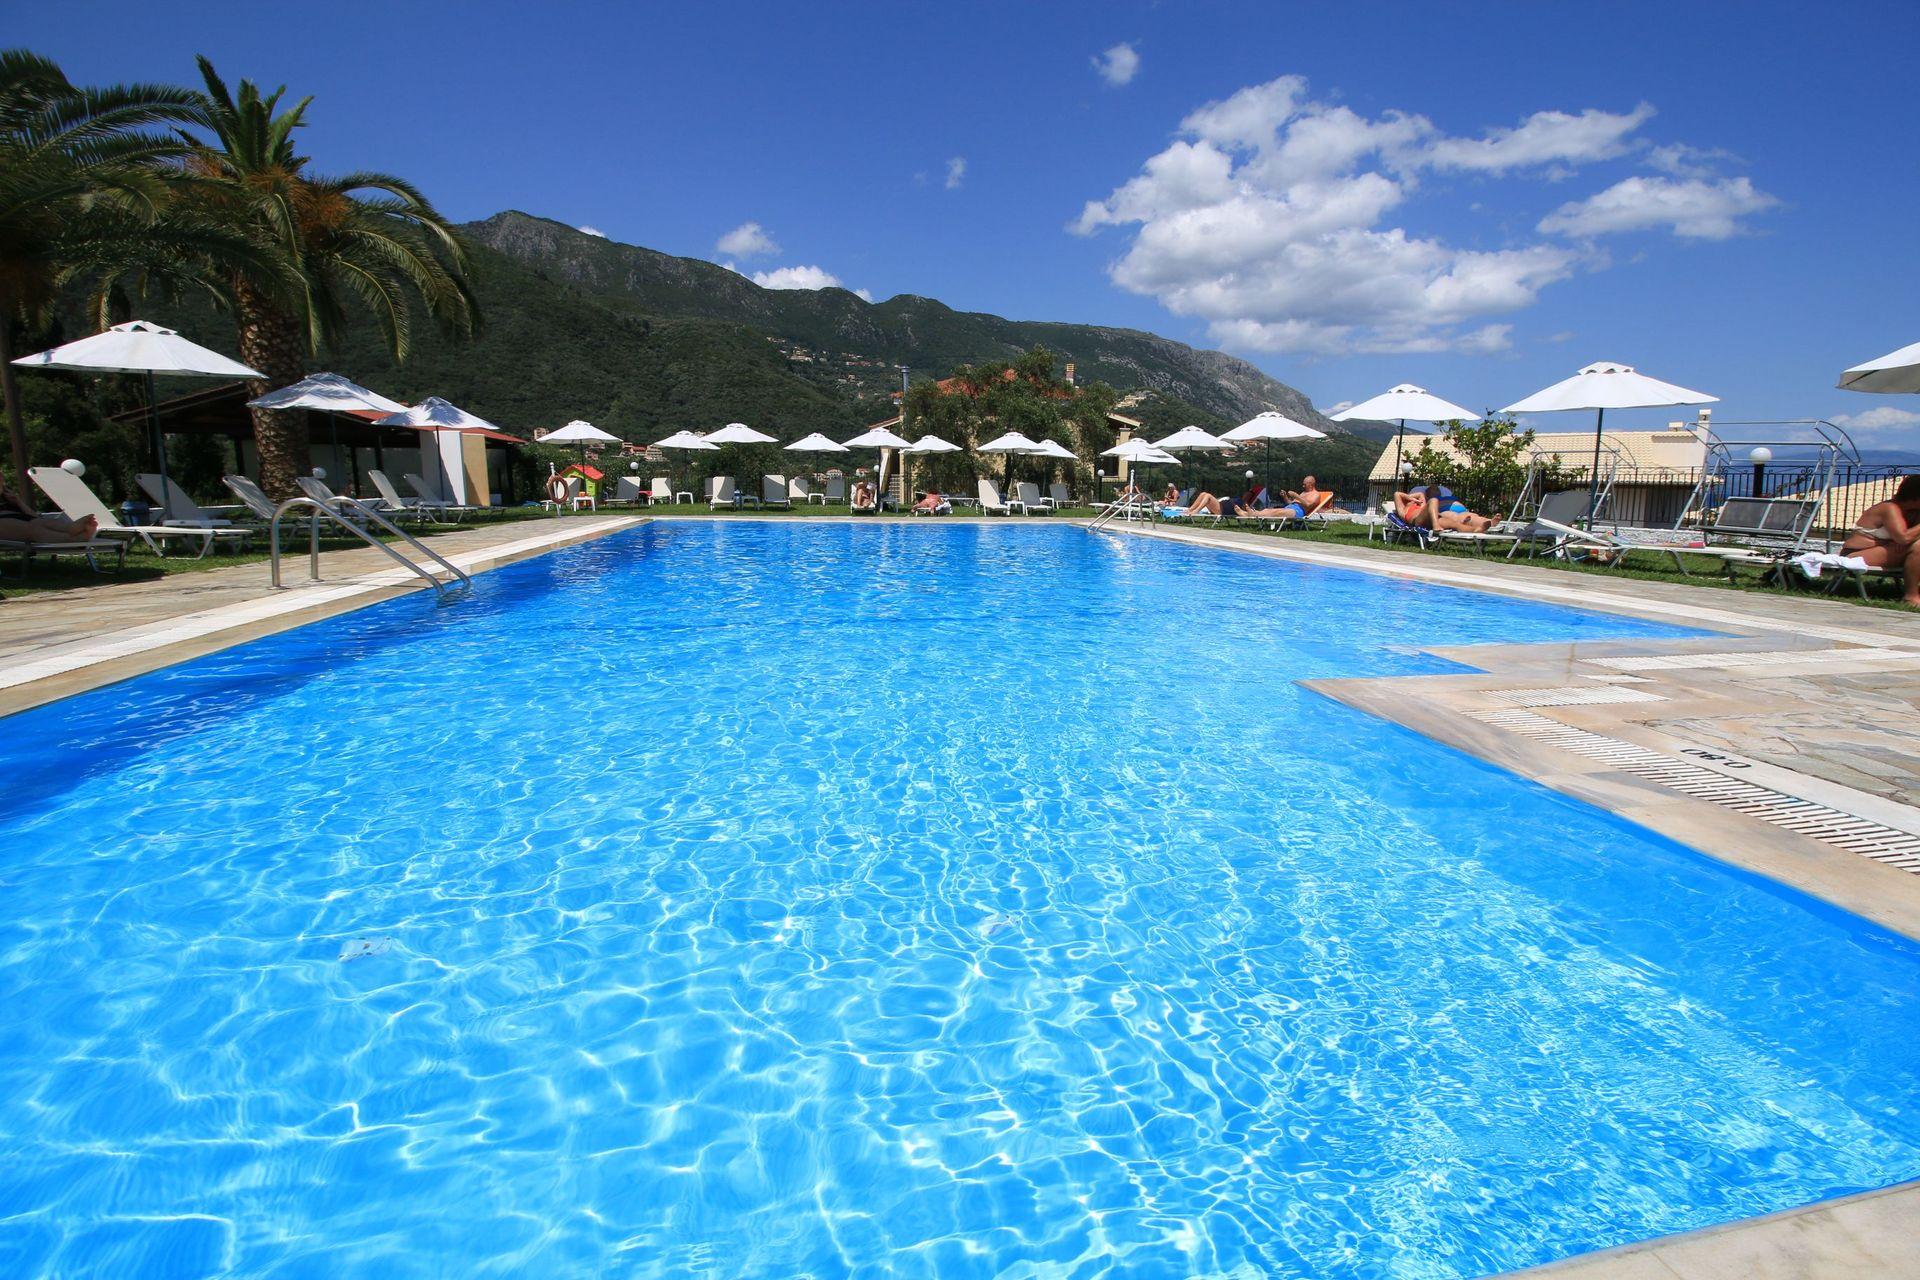 Hotel Yannis Corfu - Κέρκυρα ✦ 4 Ημέρες (3 Διανυκτερεύσεις) ✦ 2 άτομα ✦ Ημιδιατροφή ✦ 01/09/2020 έως 30/09/2020 ✦ Free Wi-Fi